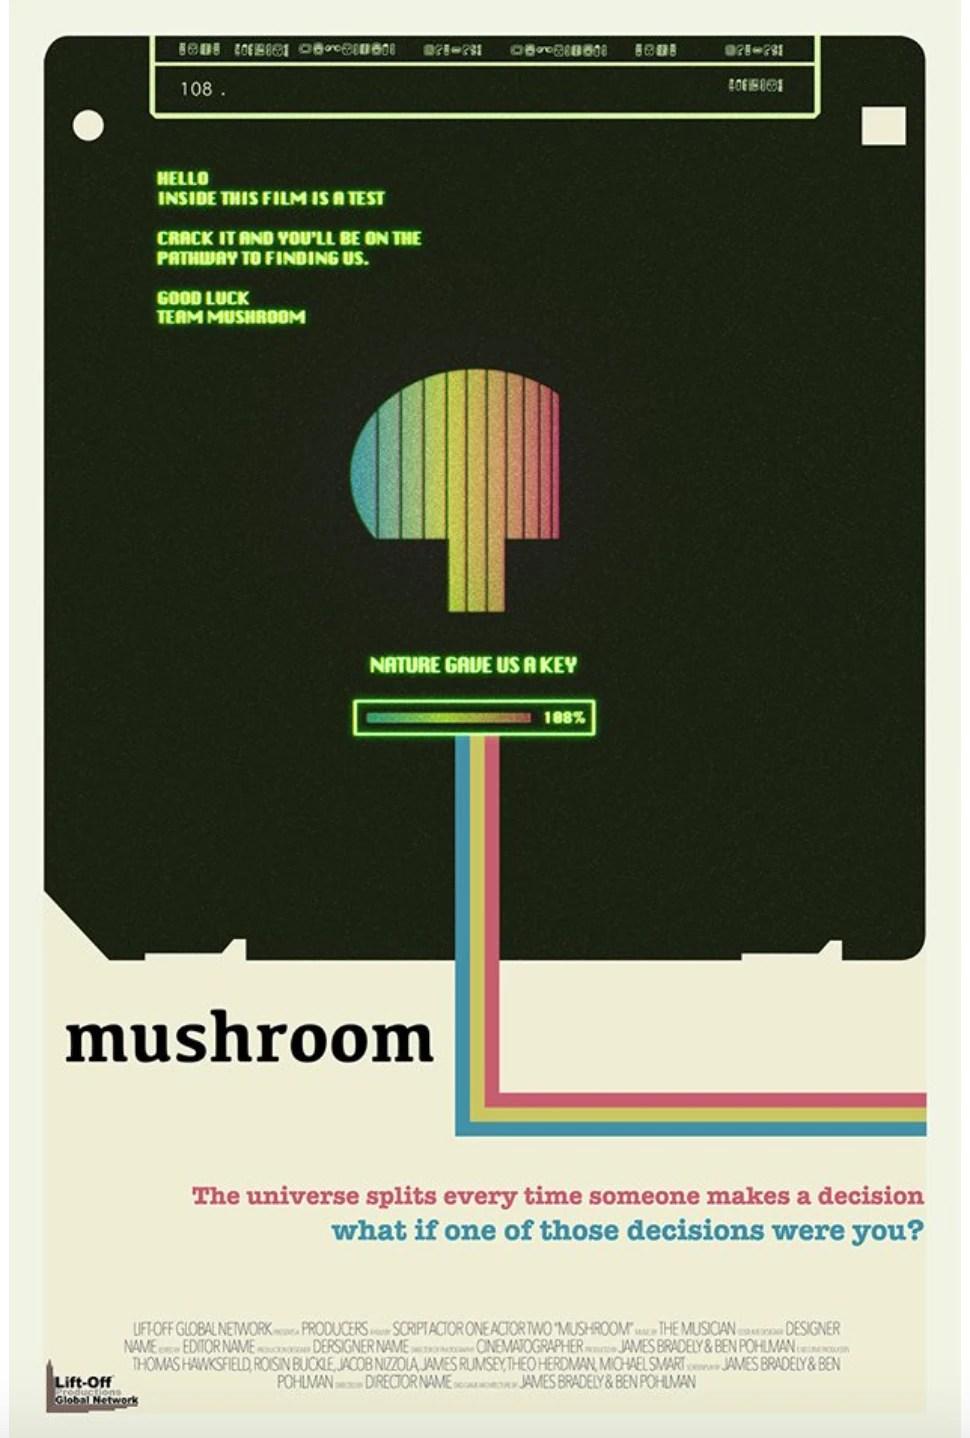 medium resolution of mushroom poster